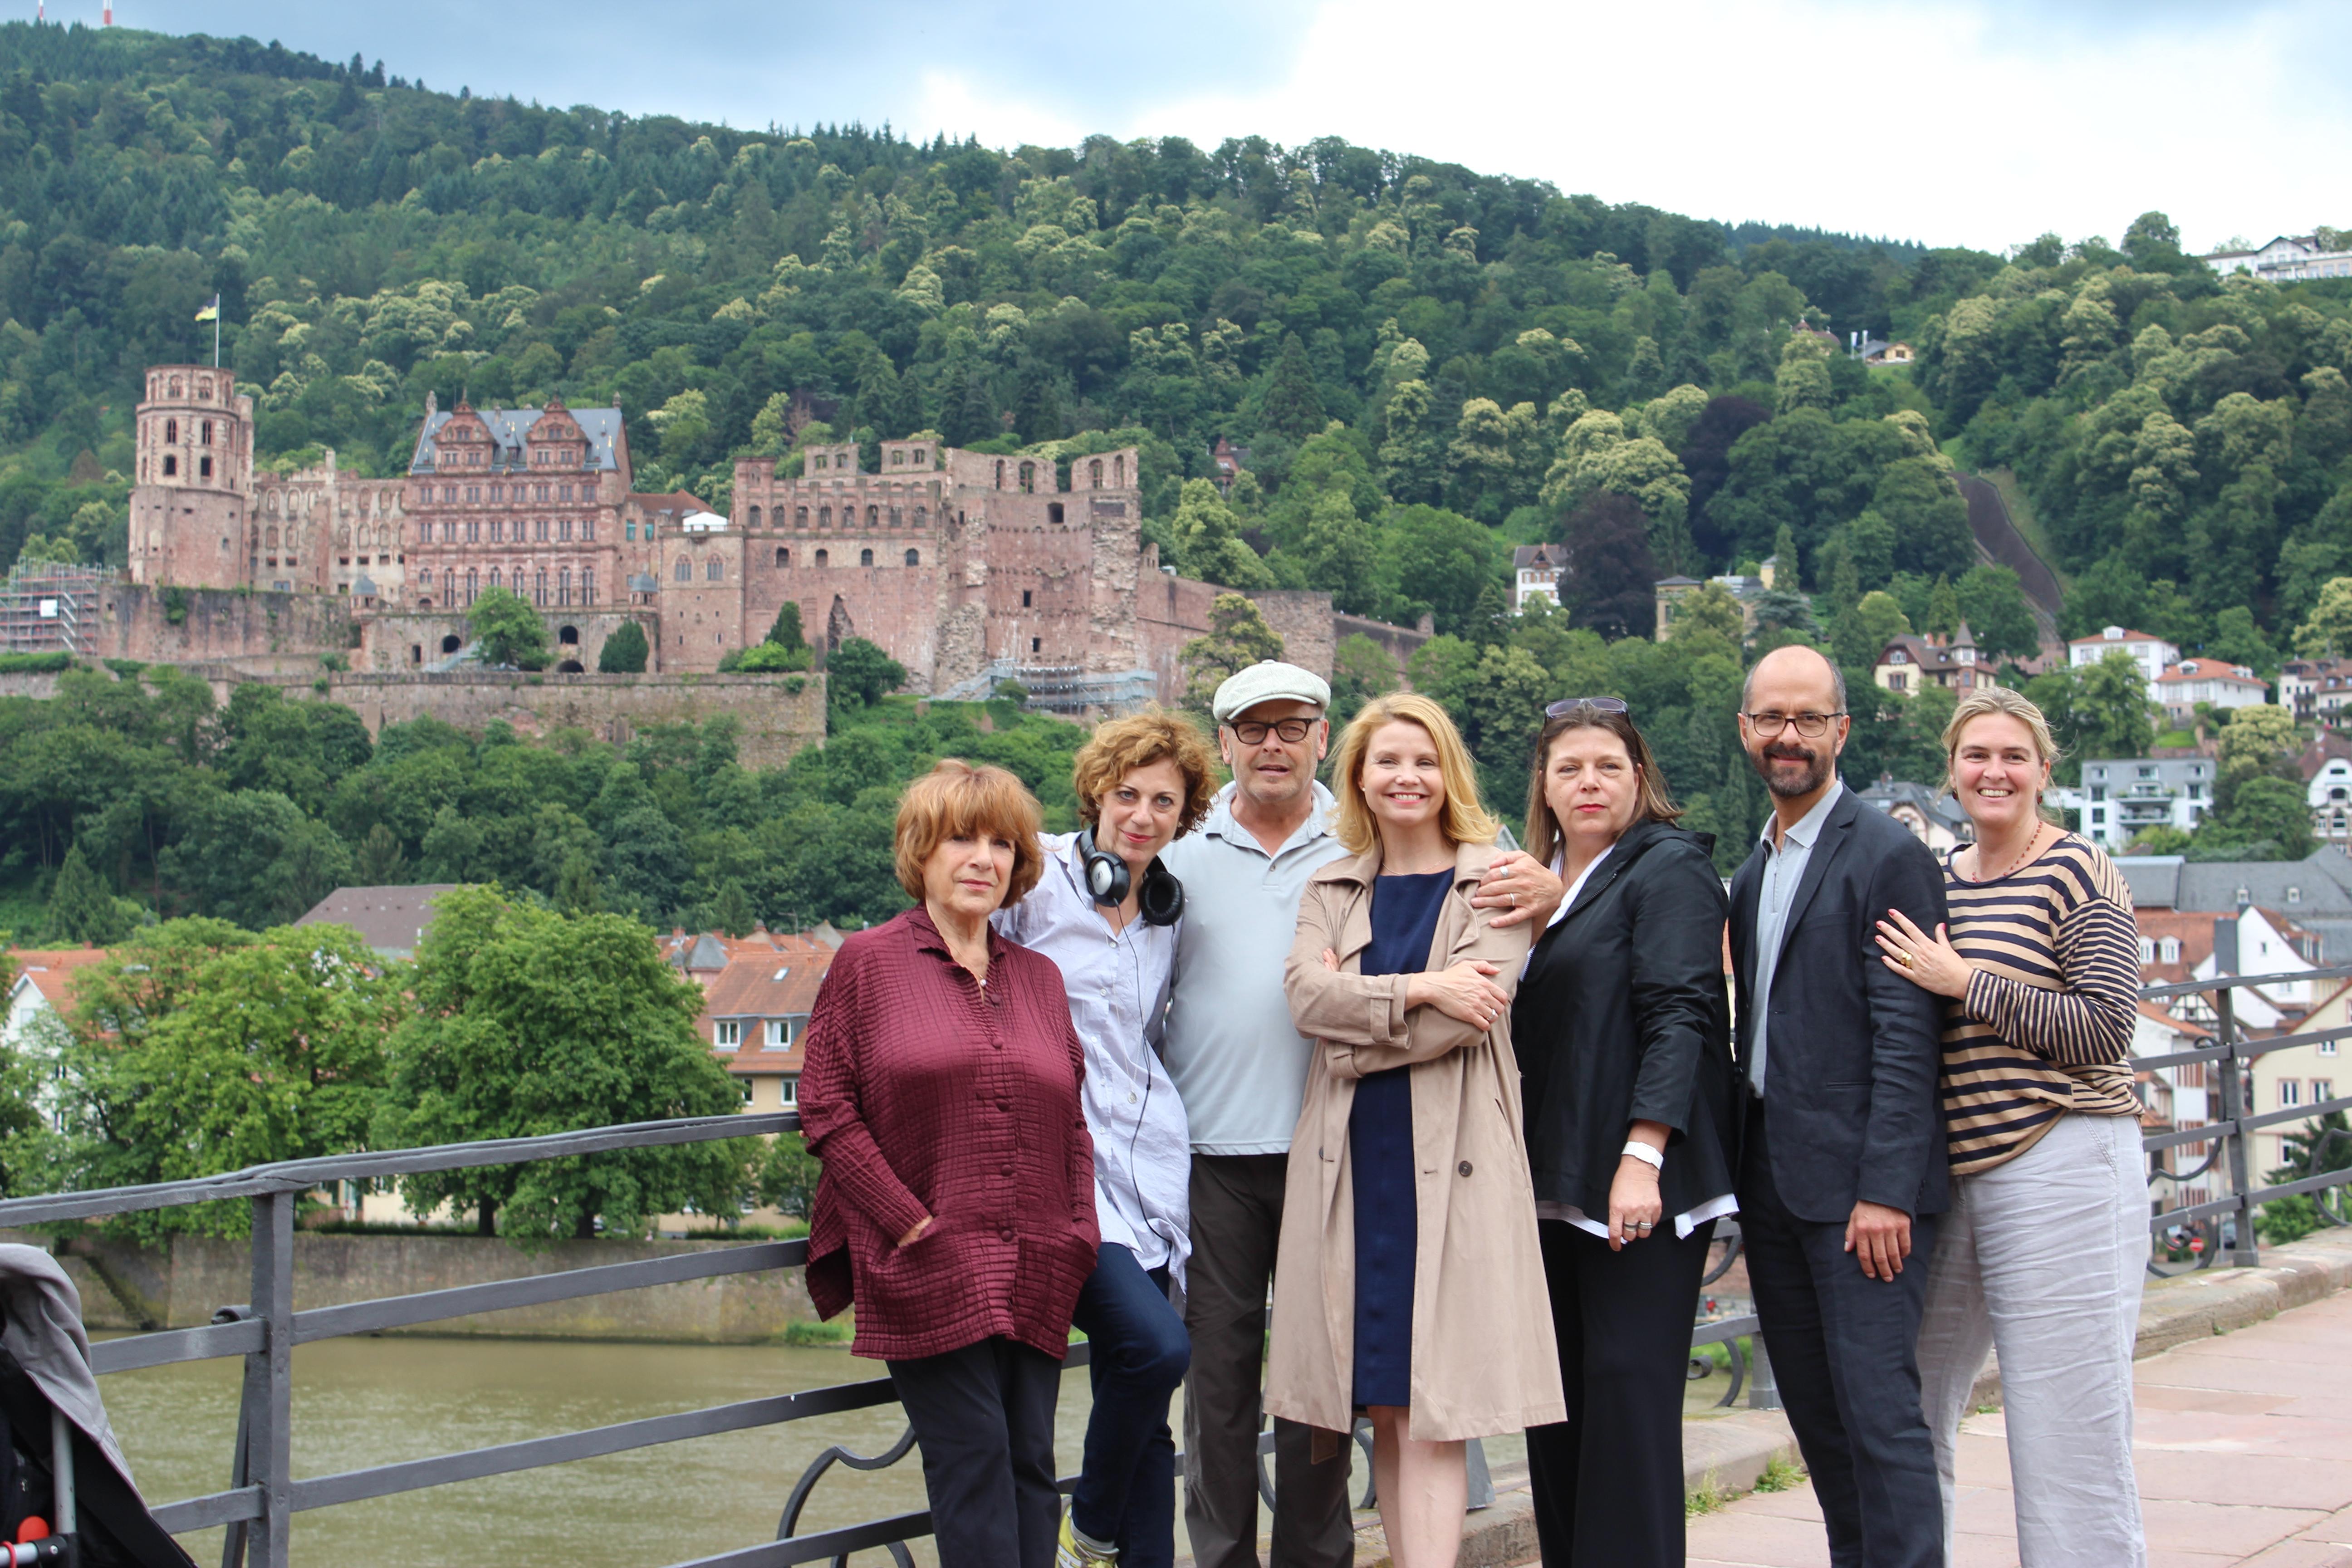 """Die Crew von Hotel Heidelberg wird zukünftig von Anette Frier angeführt, die die Heidelberger """"Burg"""" liebt. Fotos: Hannah Lena Puschnig."""